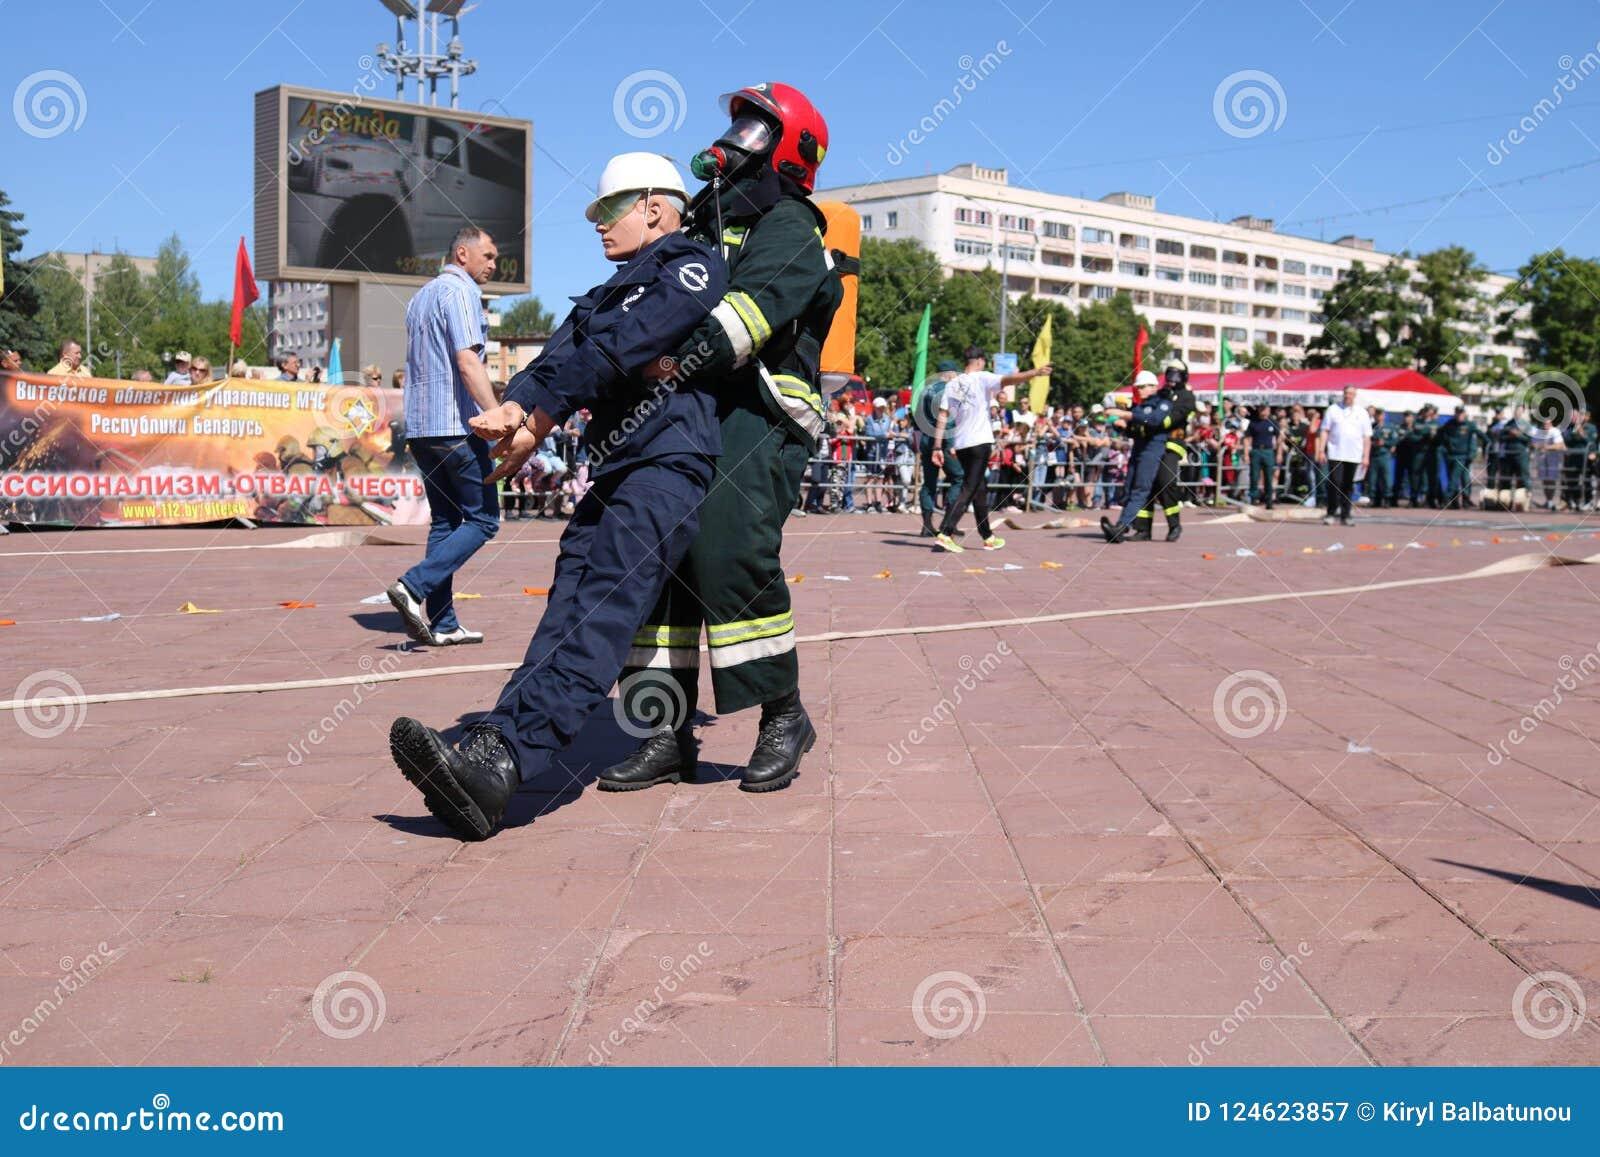 Ο πυροσβέστης ατόμων στις αλεξίπυρες διασώσεις κοστουμιών και κρανών σέρνει τραβά οι ανταγωνισμοί, Μινσκ, Λευκορωσία, 06 06 2018